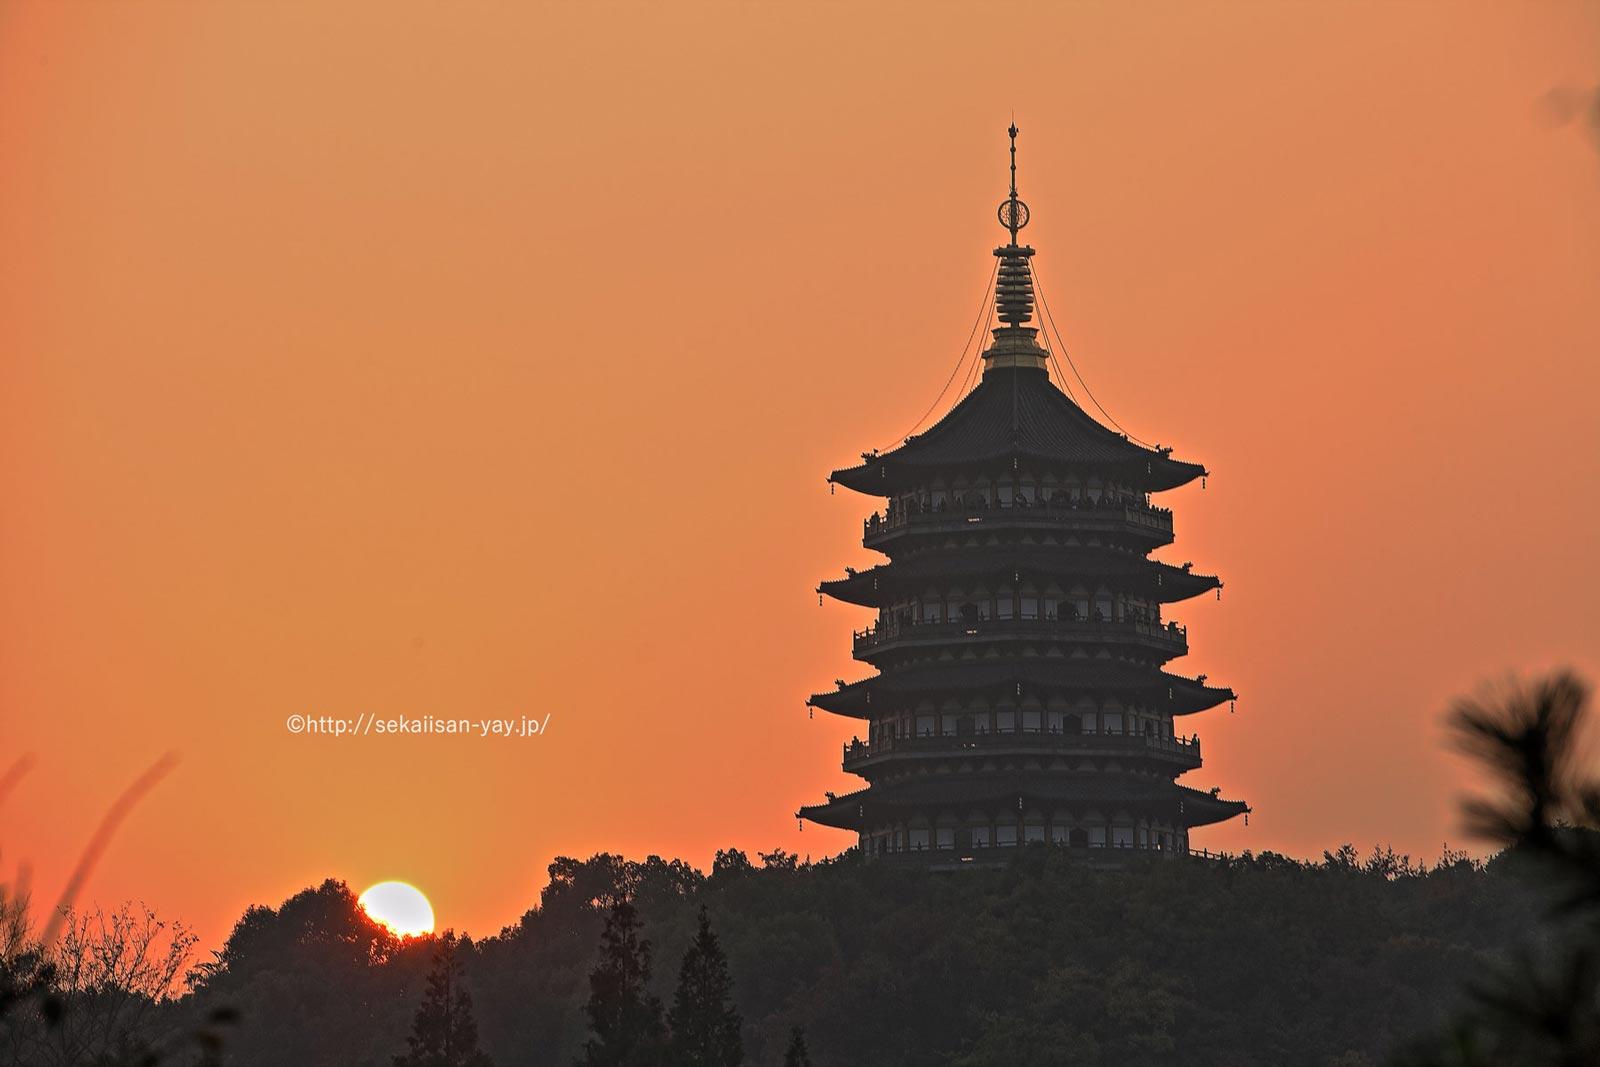 中国「杭州西湖の文化的景観」